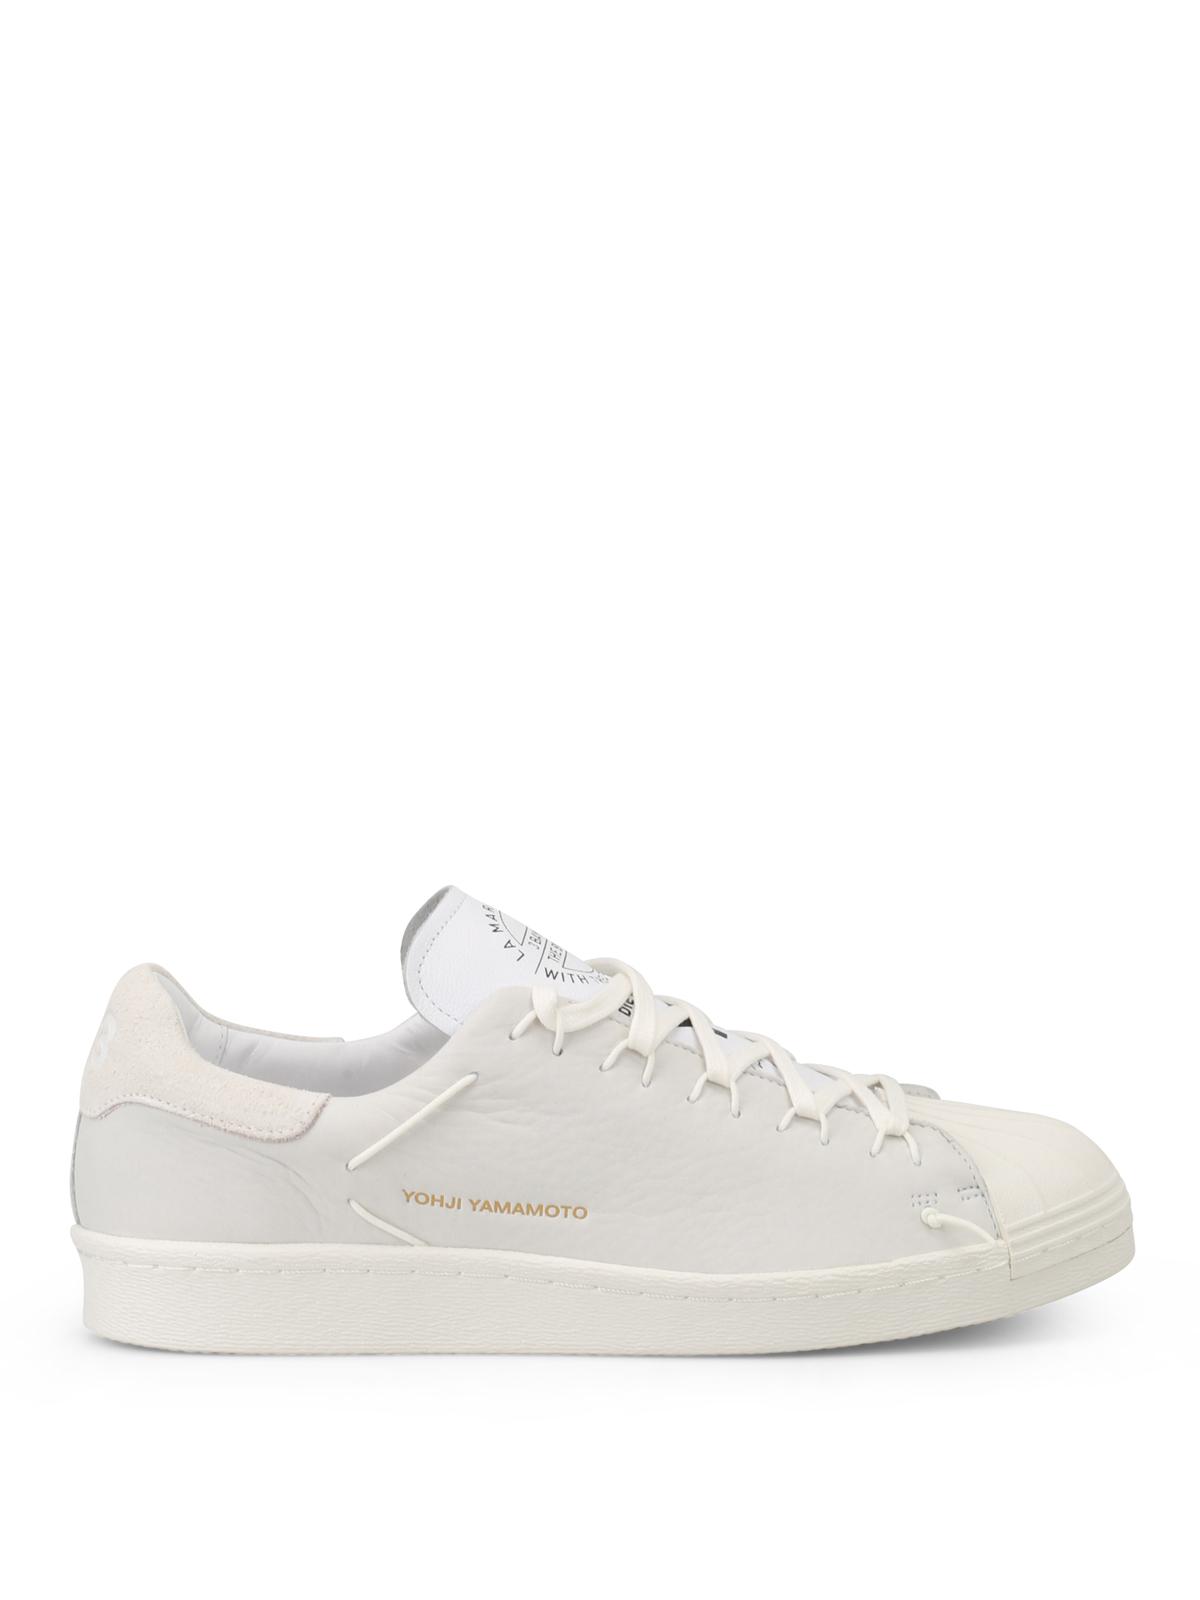 Adidas Y 3 Sneaker Weiß Sneaker AC7404 | iKRIX Shop